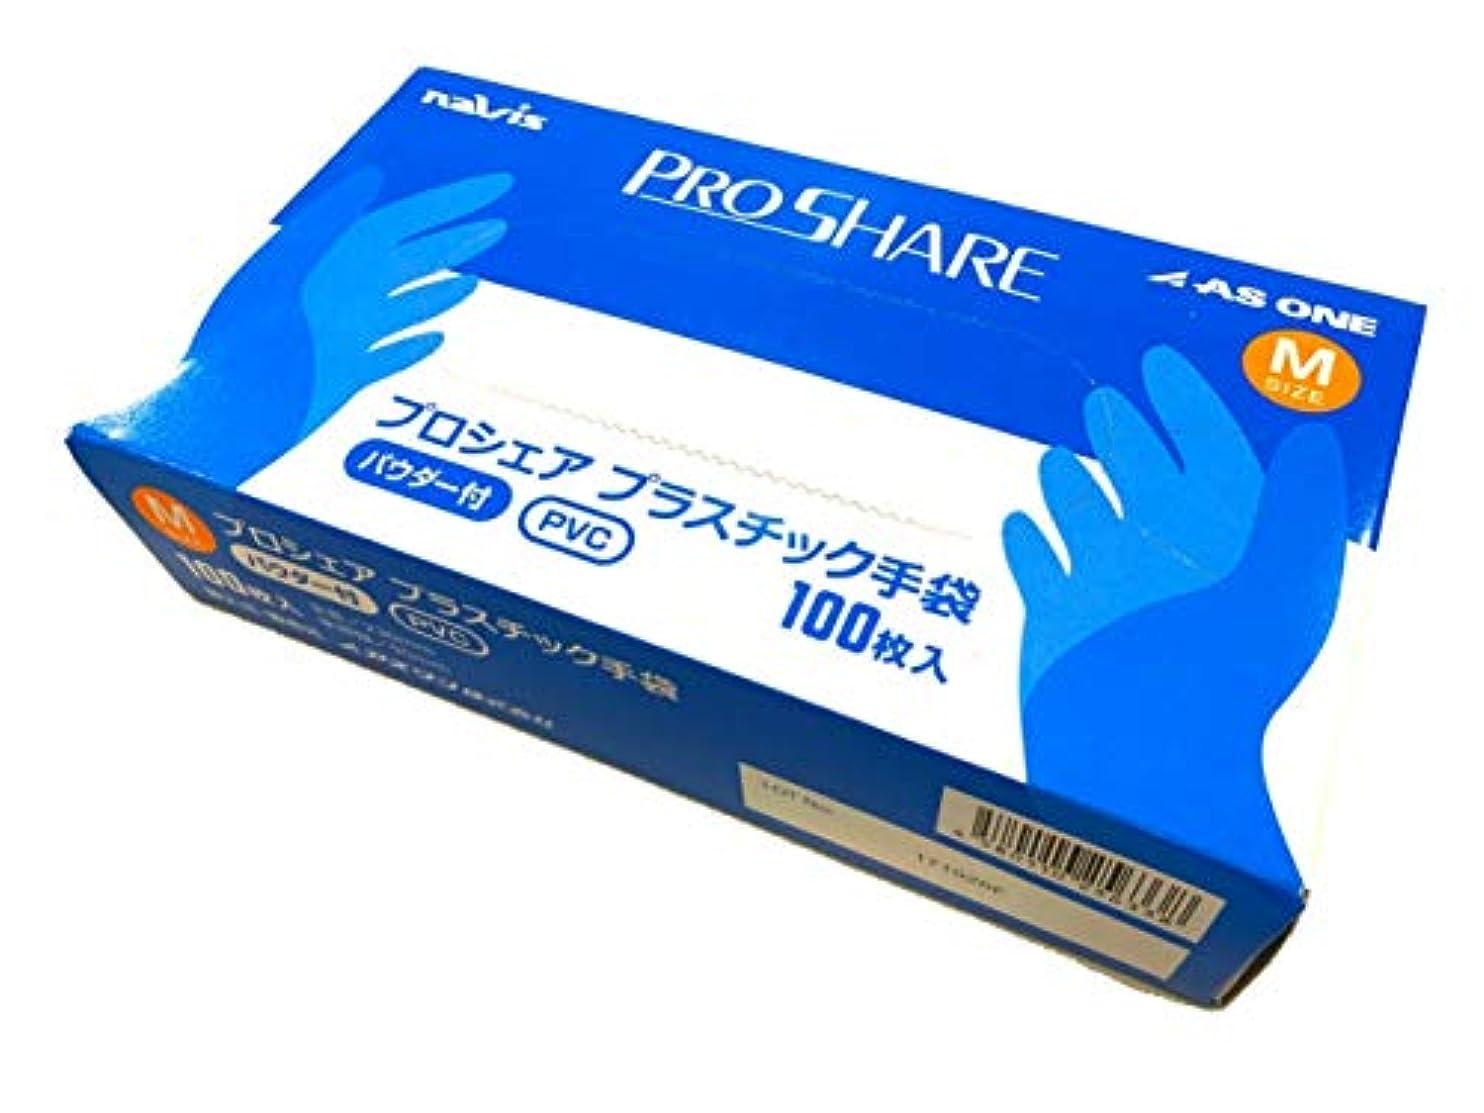 ホーン重なる相対サイズナビス プロシェア 使い捨て プラスチック手袋 パウダー付 M 1箱(100枚入) / 8-9570-02